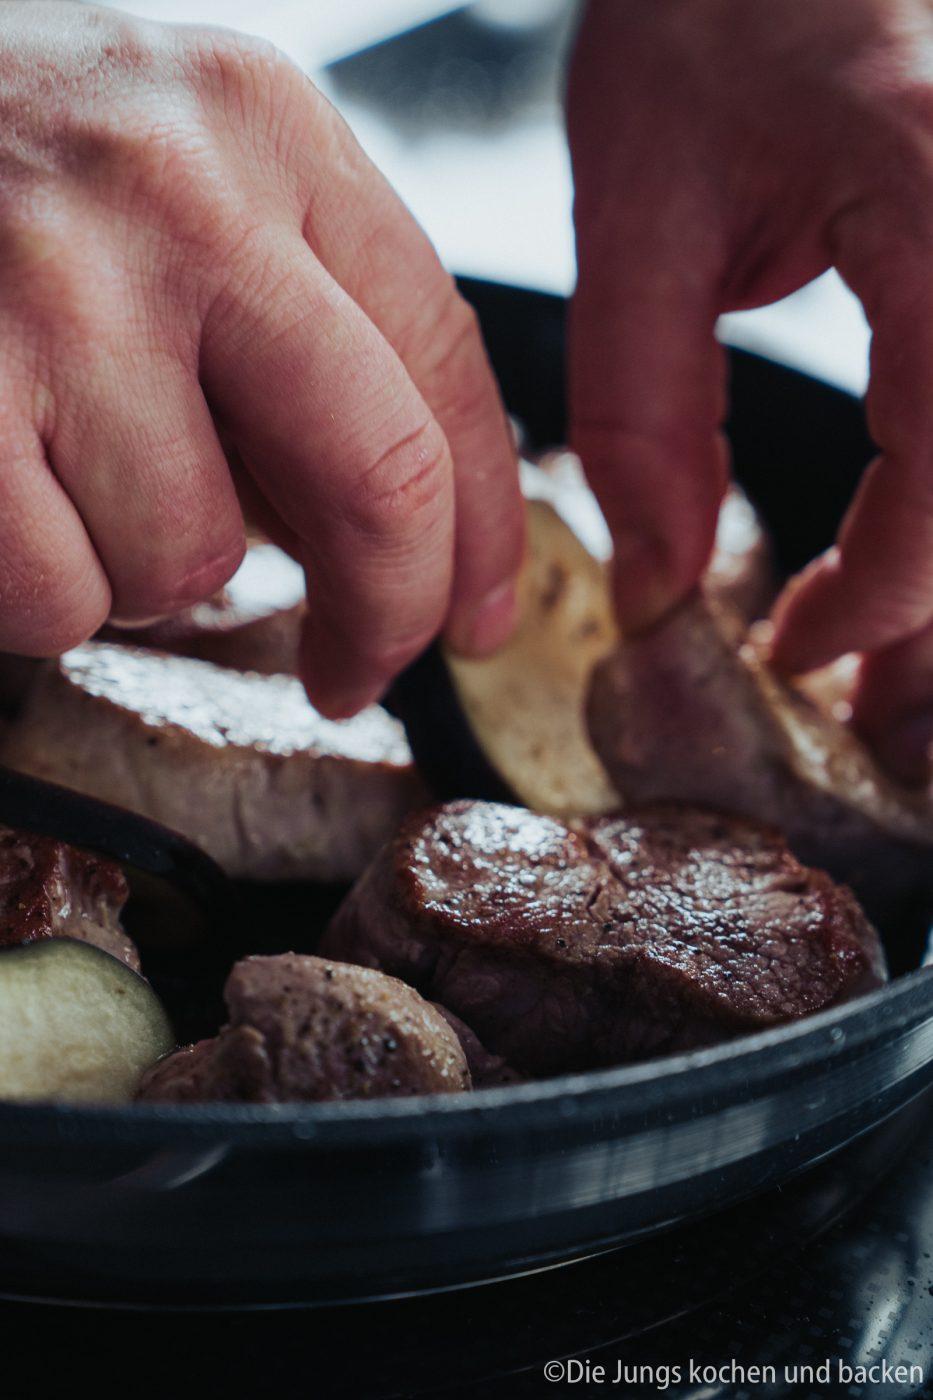 Tefal Schweinefilet italienisch 8 | Wir hatten schon ewig nichts Überbackenes mehr für euch hier und auch bei uns auf dem Tisch. Zu einem gemütlichen Spielenachmittag mit Freunden hatten wir aber richtig Lust auf ein leckeres Gericht, das mit Käse überbacken wird. Es sollte praktisch sein, gut vorzubereiten und nicht so ganz aufwändig. All das sind unsere überbackenen Schweinemedaillons mit Aubergine. Ein guter Grund dafür - es kommt in eine Pfanne, die Pfanne in den Ofen und dann auch auf den Tisch! Was ist das also für eine neue Pfanne??